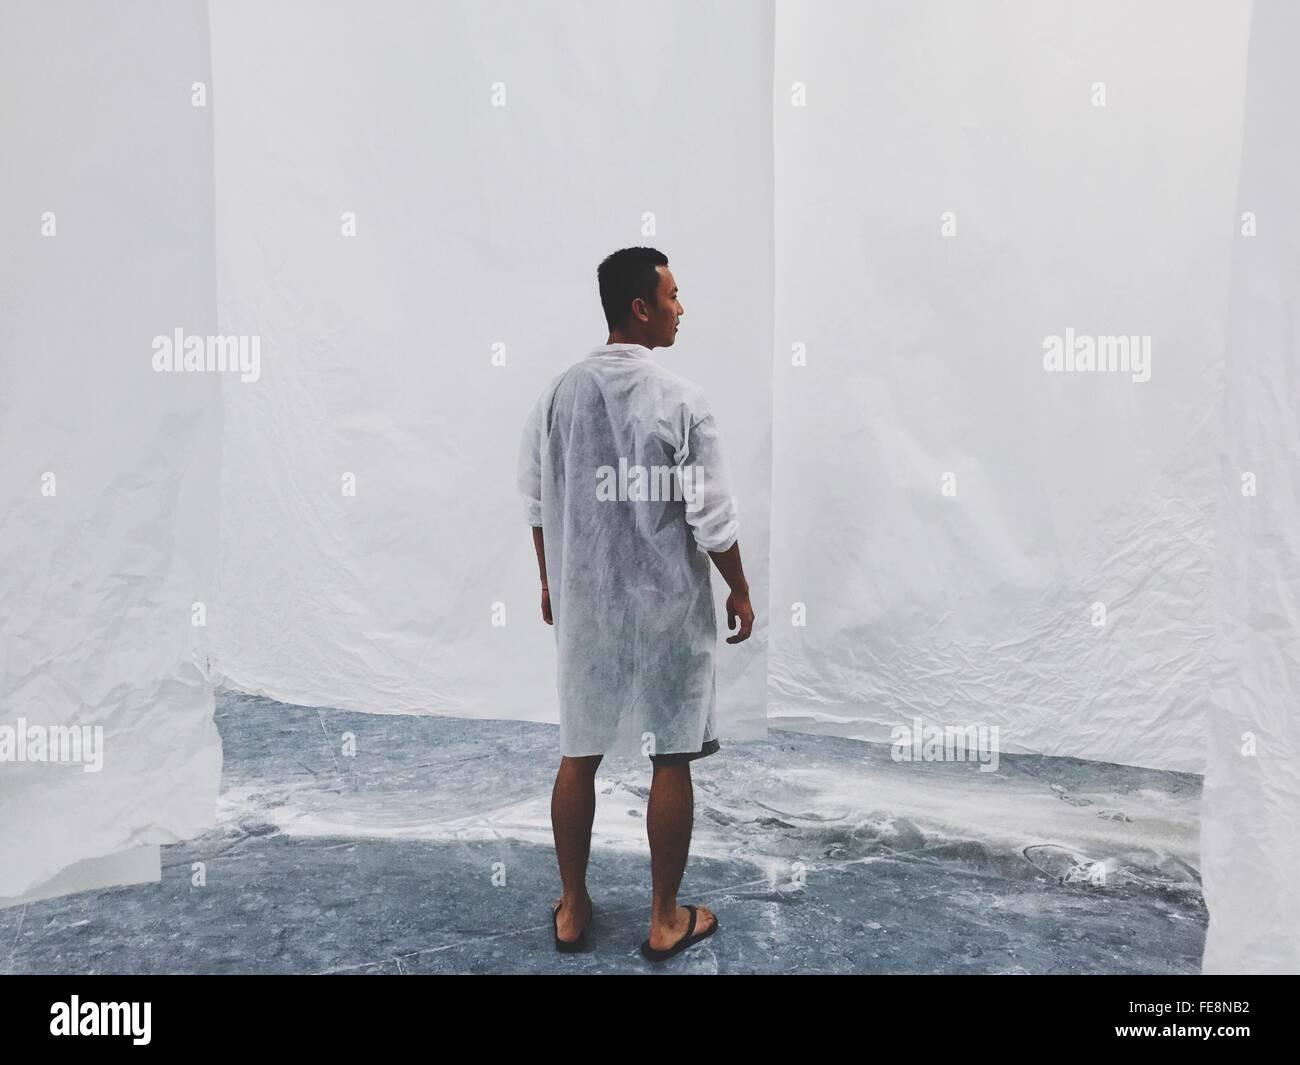 Vista trasera de la longitud completa de hombre de pie contra la pared blanca Imagen De Stock